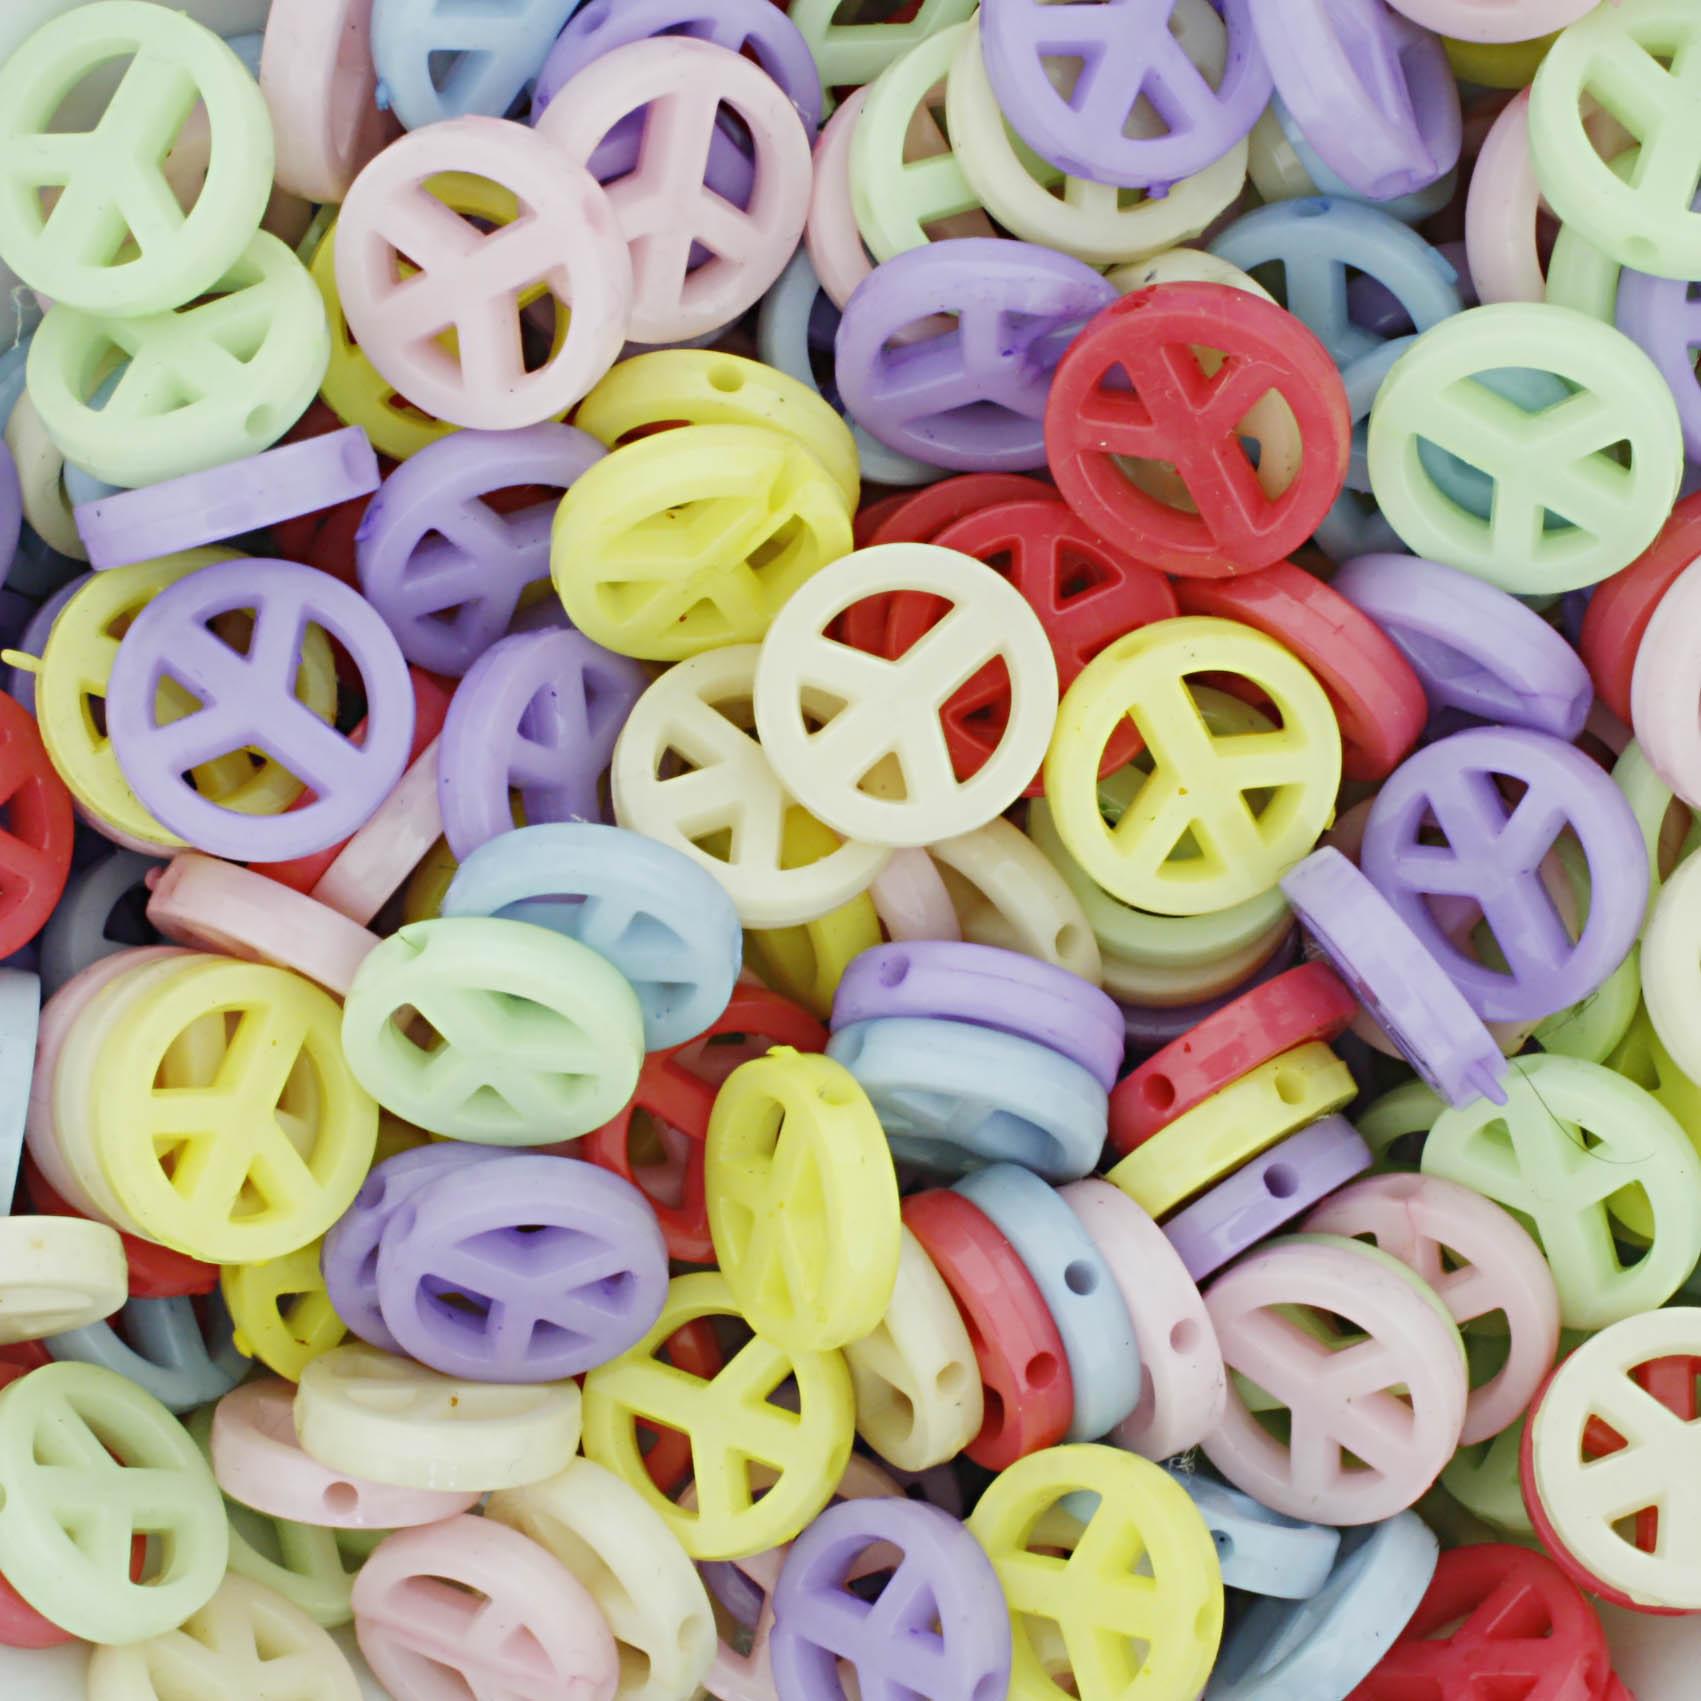 Miçanga Colorida Infantil - Símbolo da Paz  - Stéphanie Bijoux® - Peças para Bijuterias e Artesanato